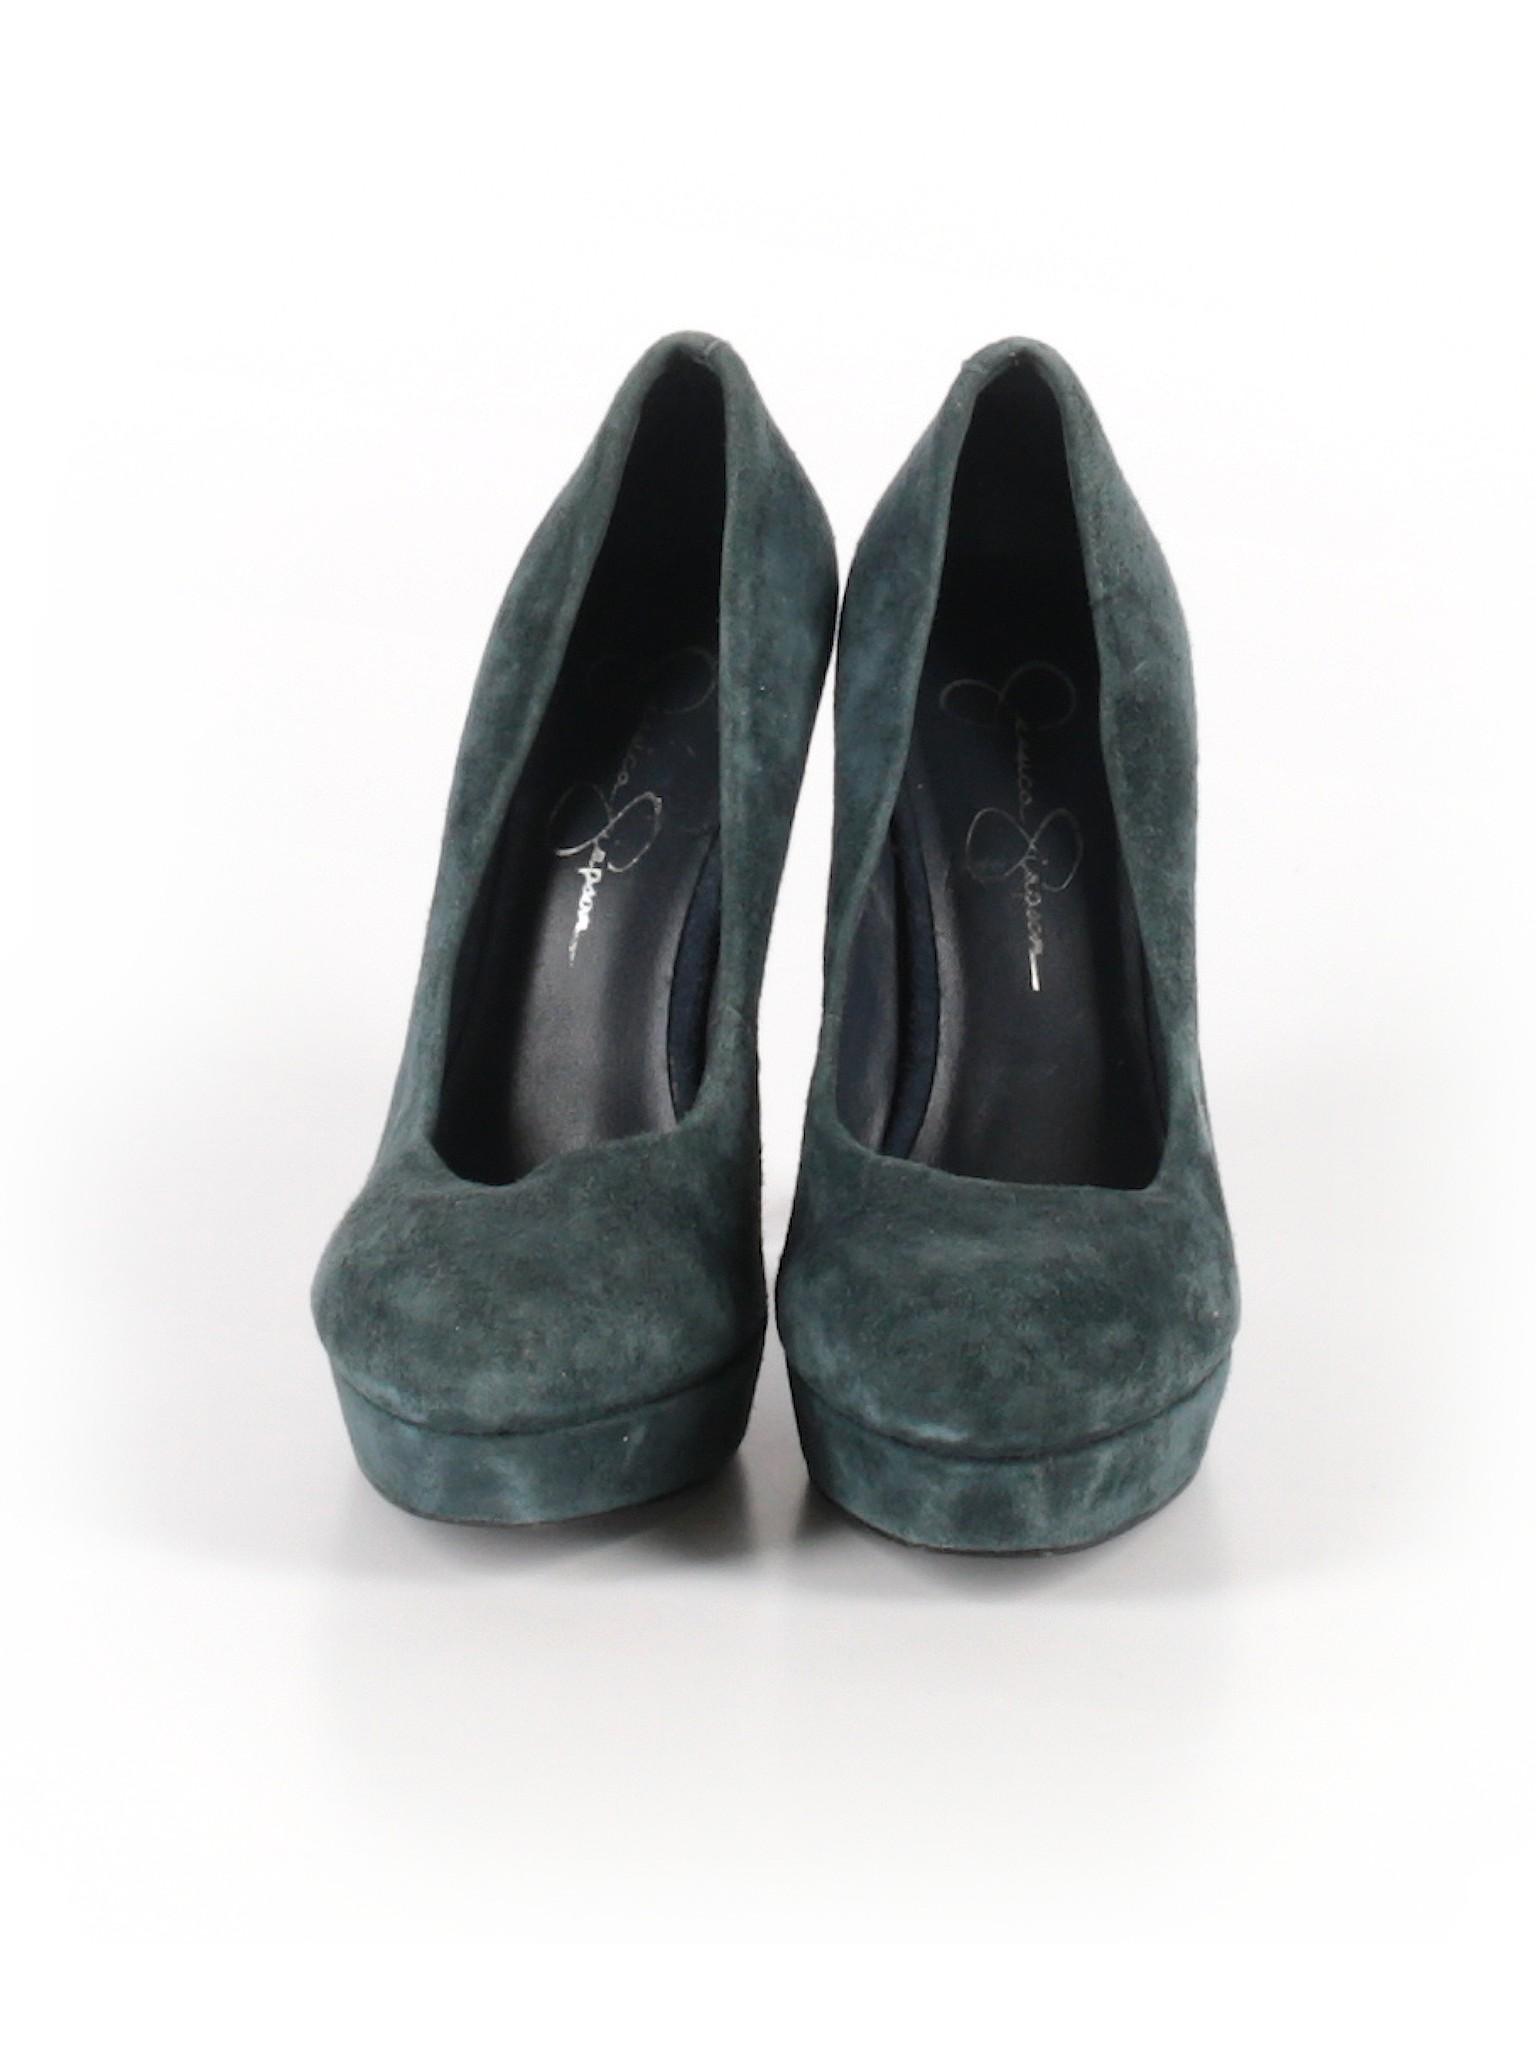 Boutique promotion promotion Heels Jessica Jessica Simpson Boutique HwvOq050